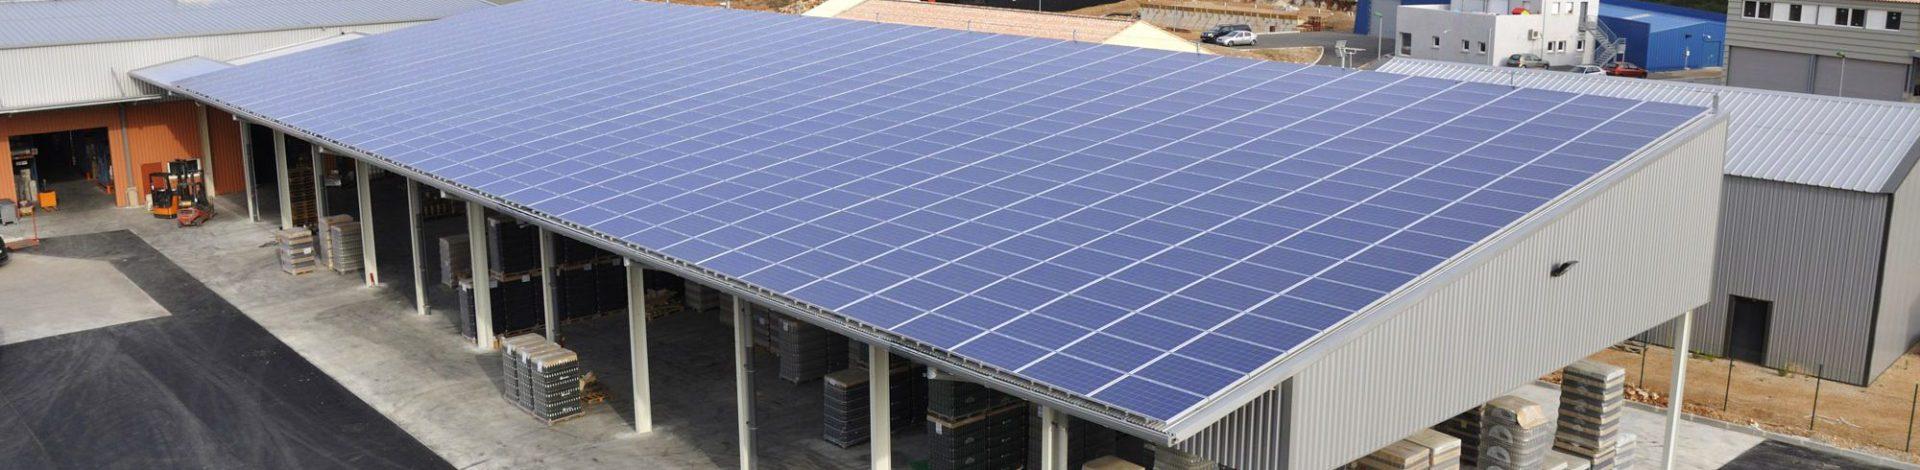 Centrales photovoltaïques sur les toits